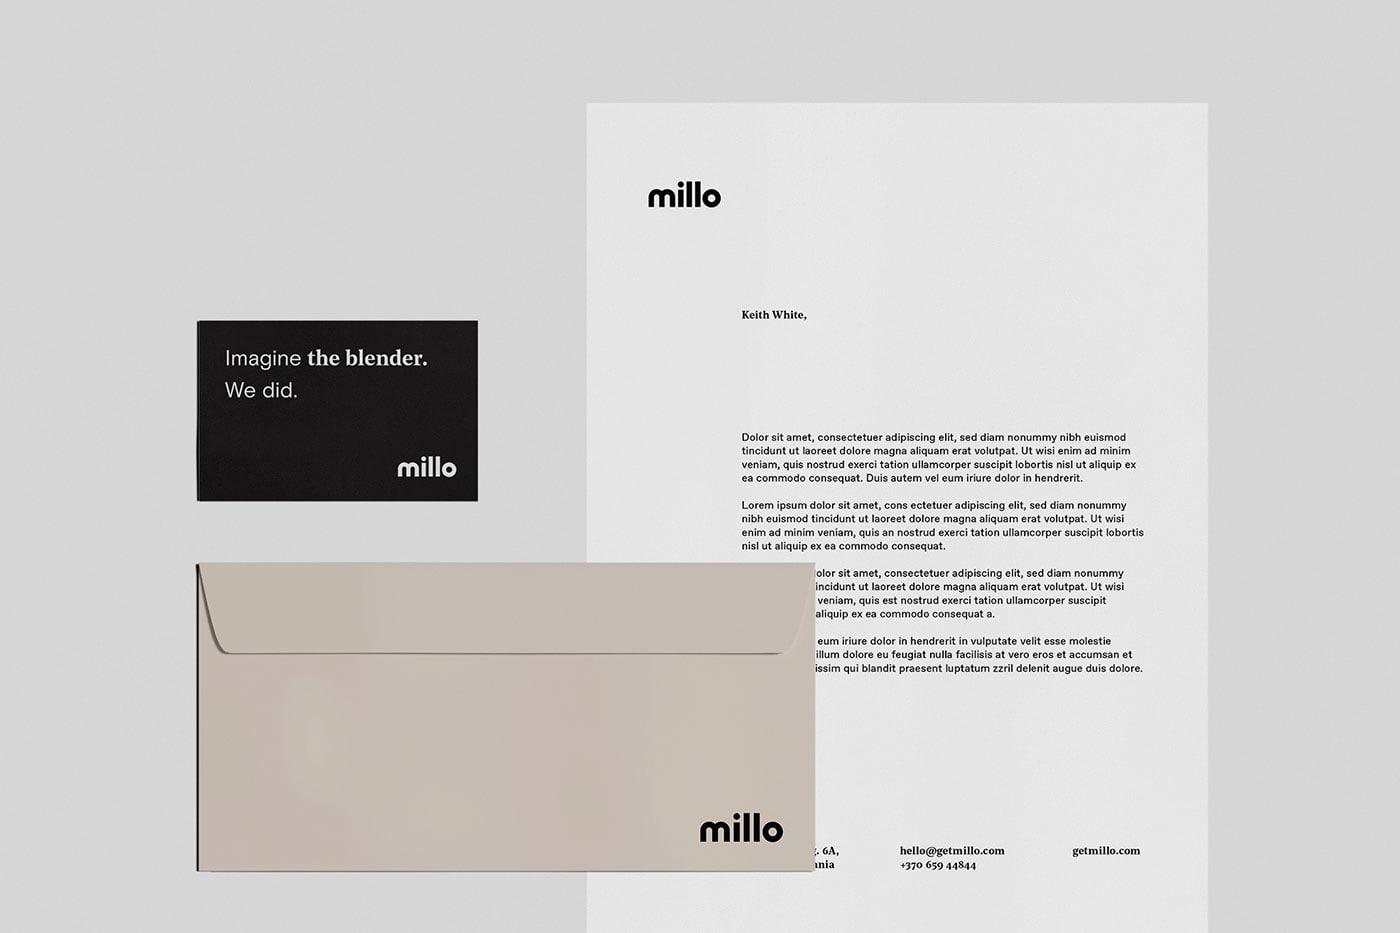 Millo厨房搅拌器品牌视觉设计